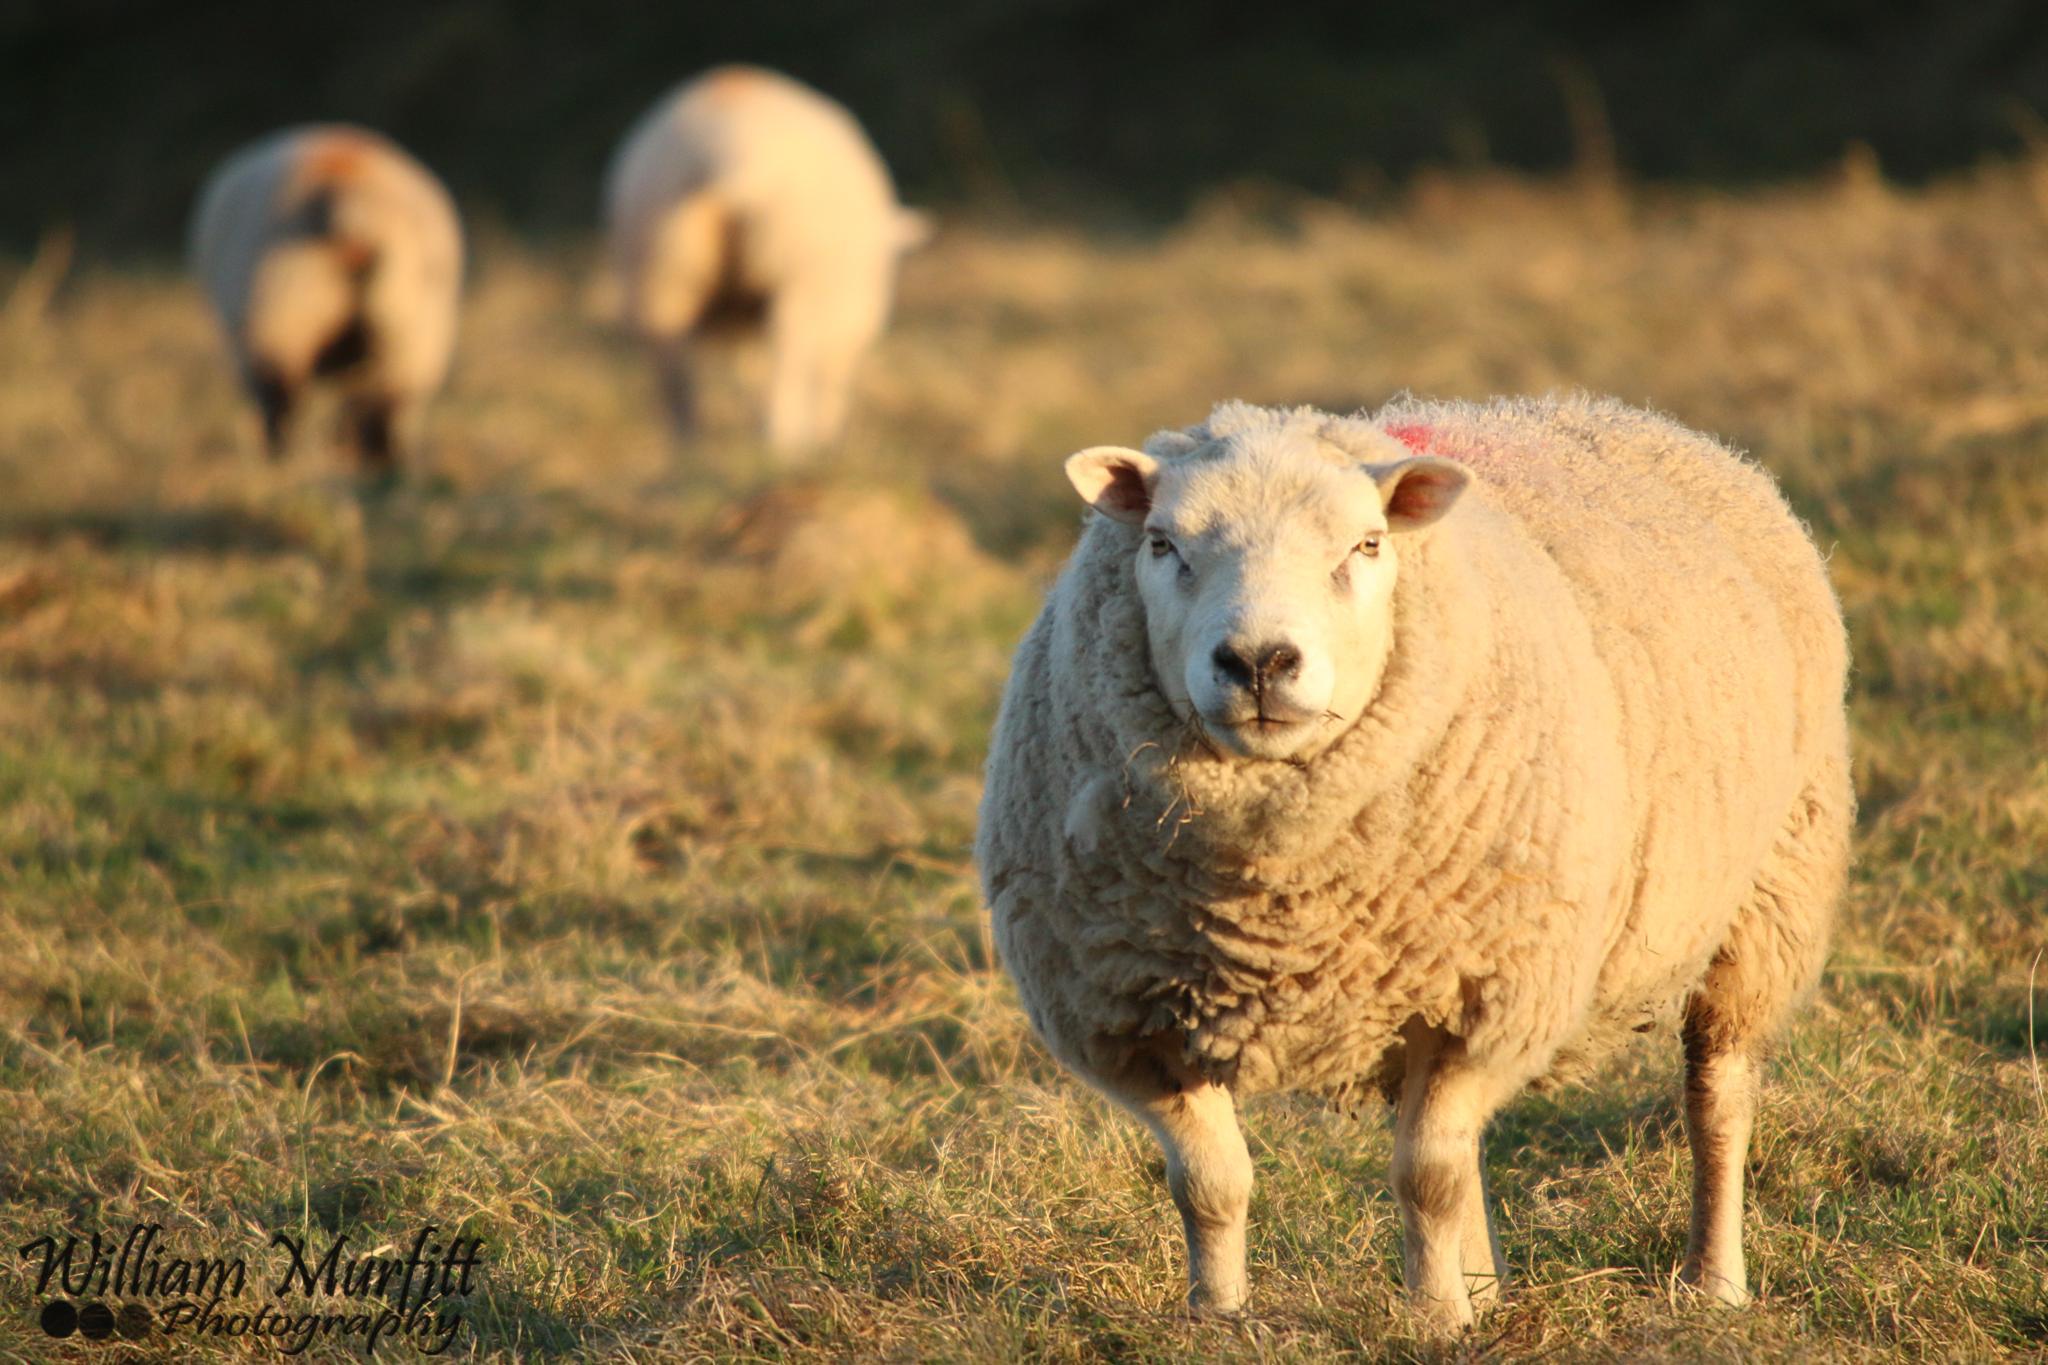 Sunset Sheep by william.murfitt